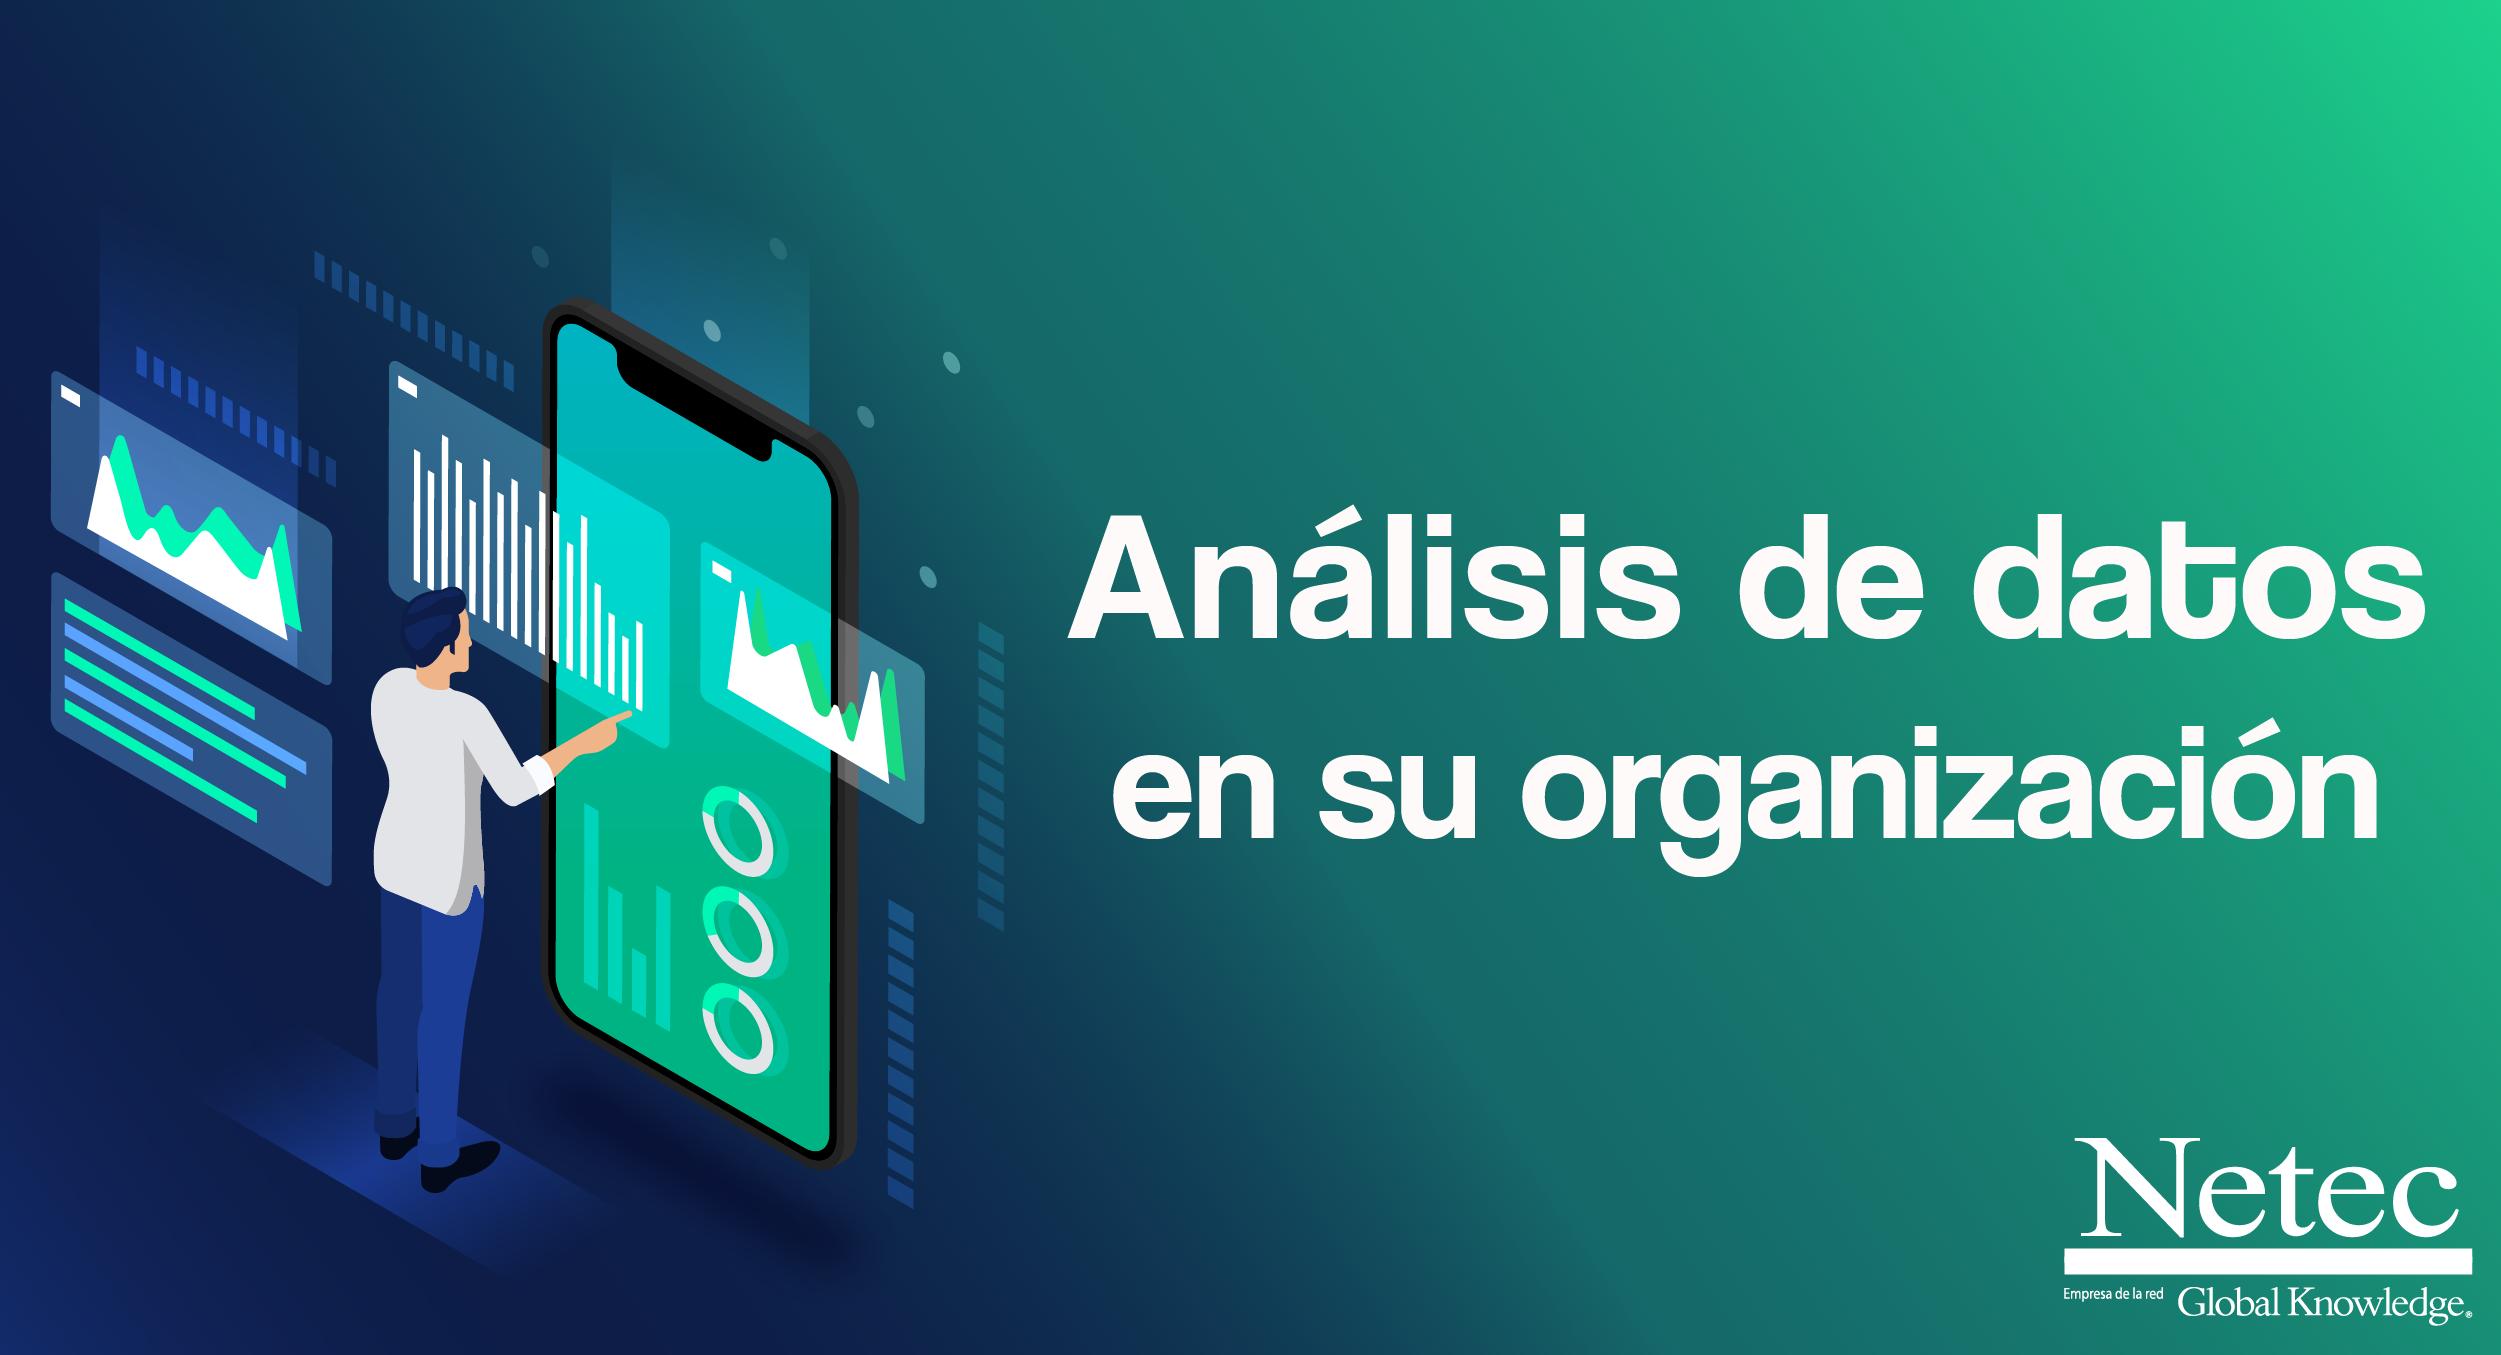 ¿De qué forma el análisis de datos mejora la toma de decisiones organizacionales?